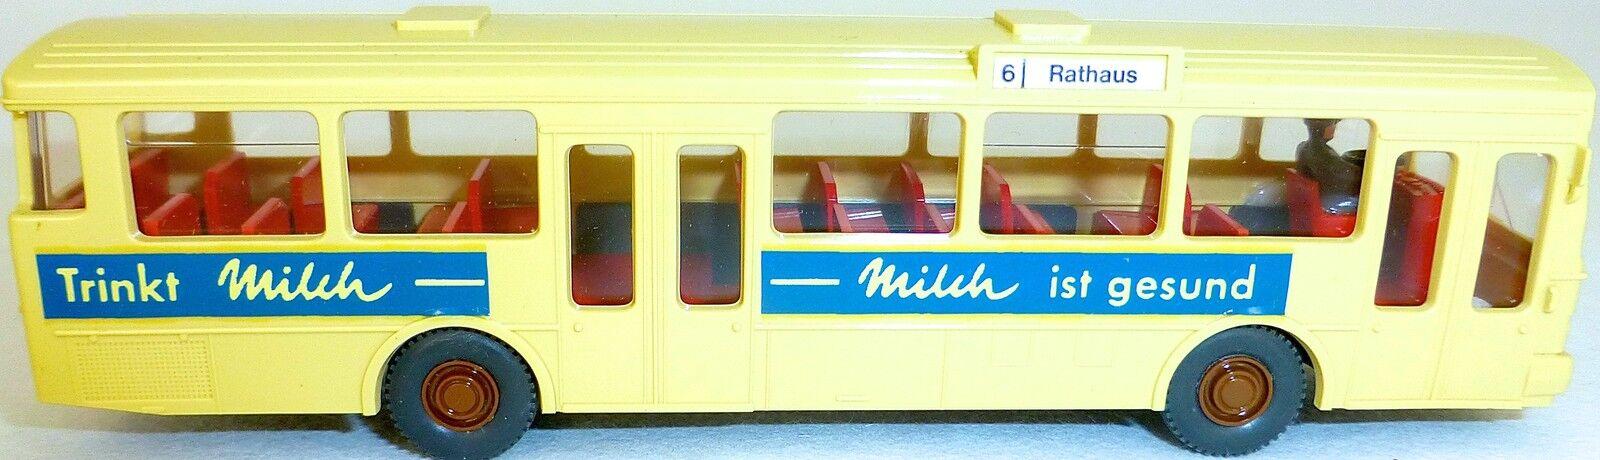 9 Hôtel de Ville Boit Lait Jedentag MB o305 Gesupert de Wiking Bus H0 1 87 GD4 Å